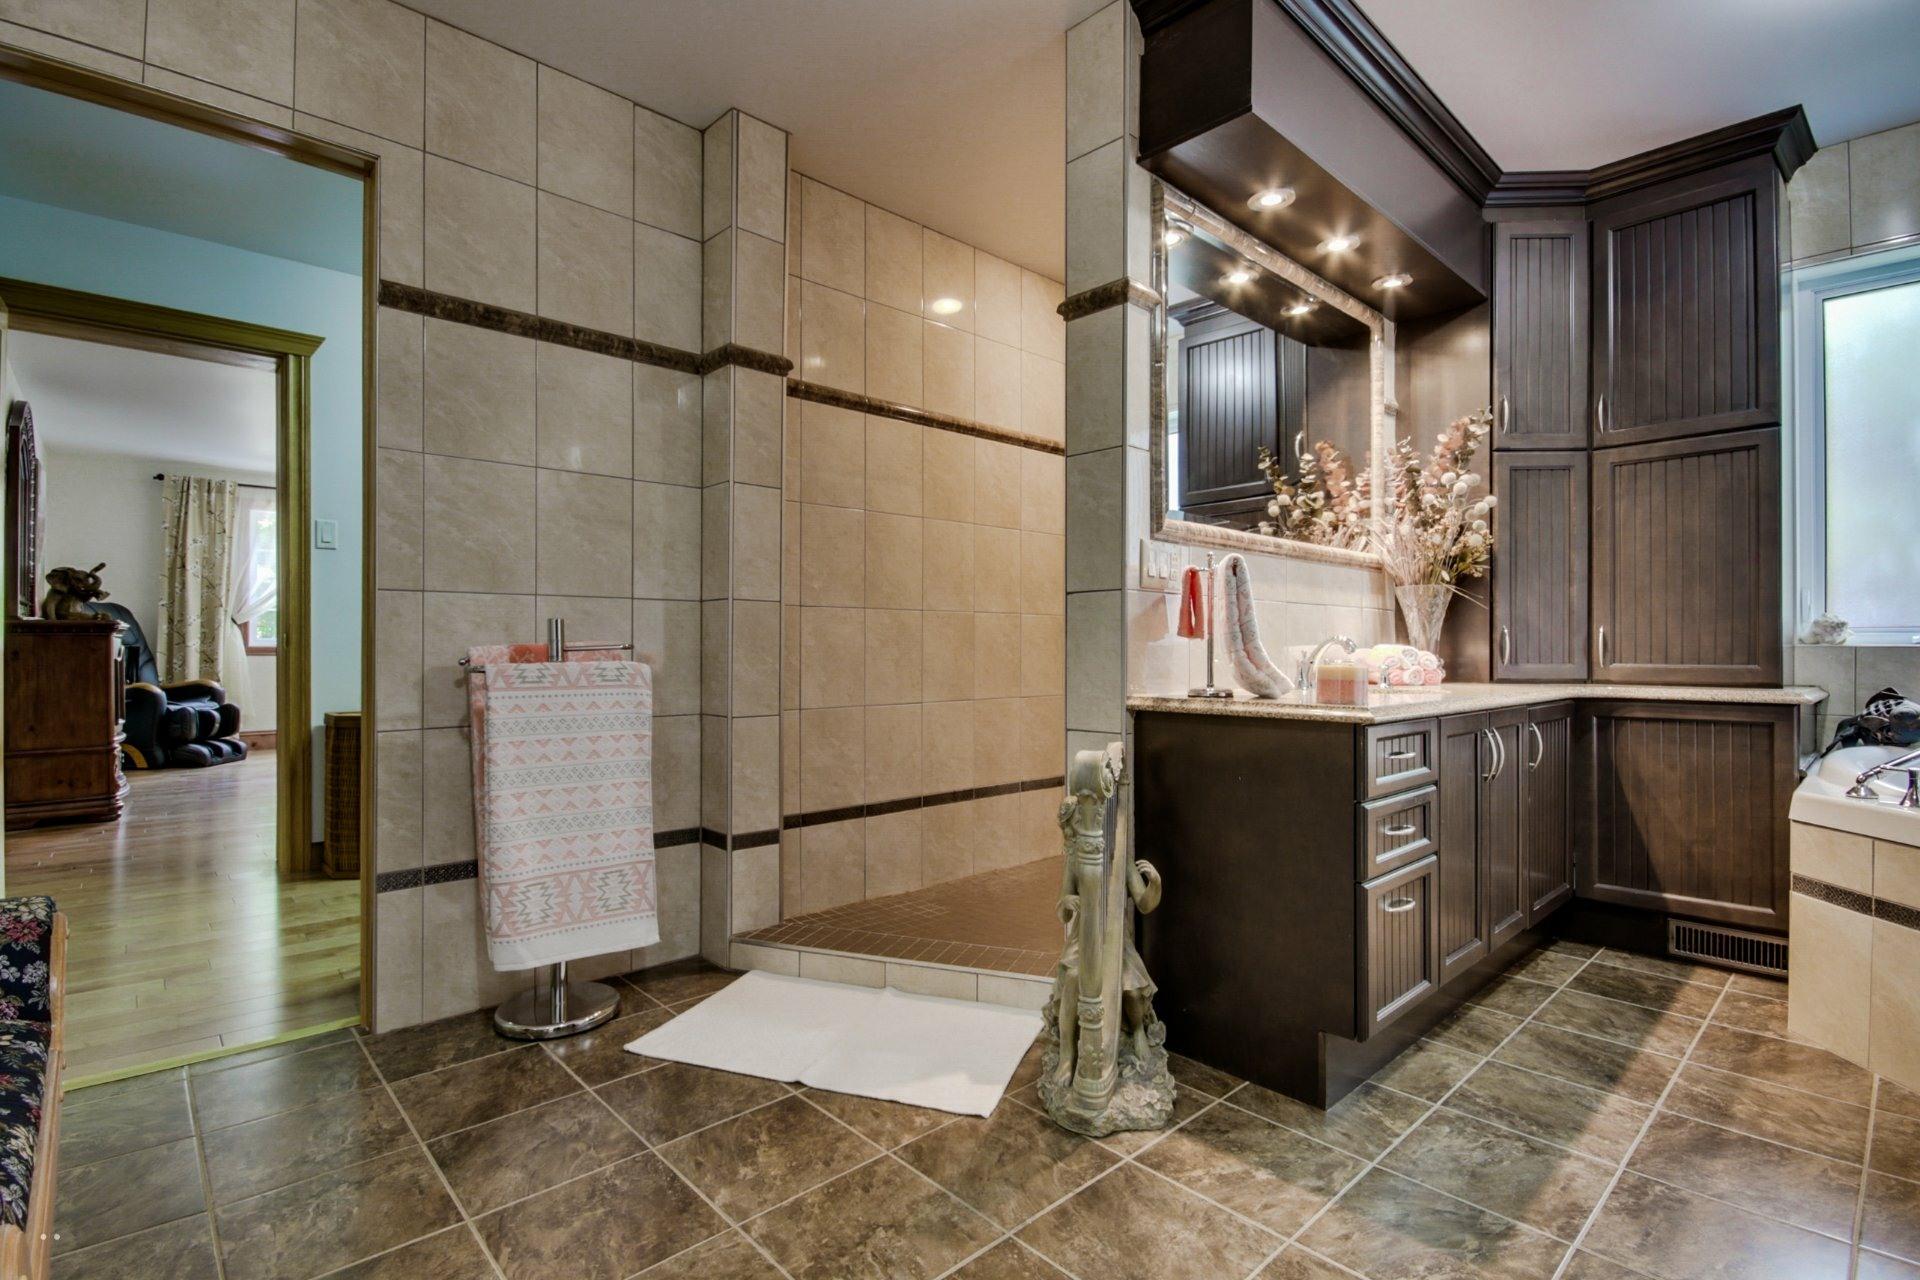 image 35 - Duplex For sale Trois-Rivières - 14 rooms